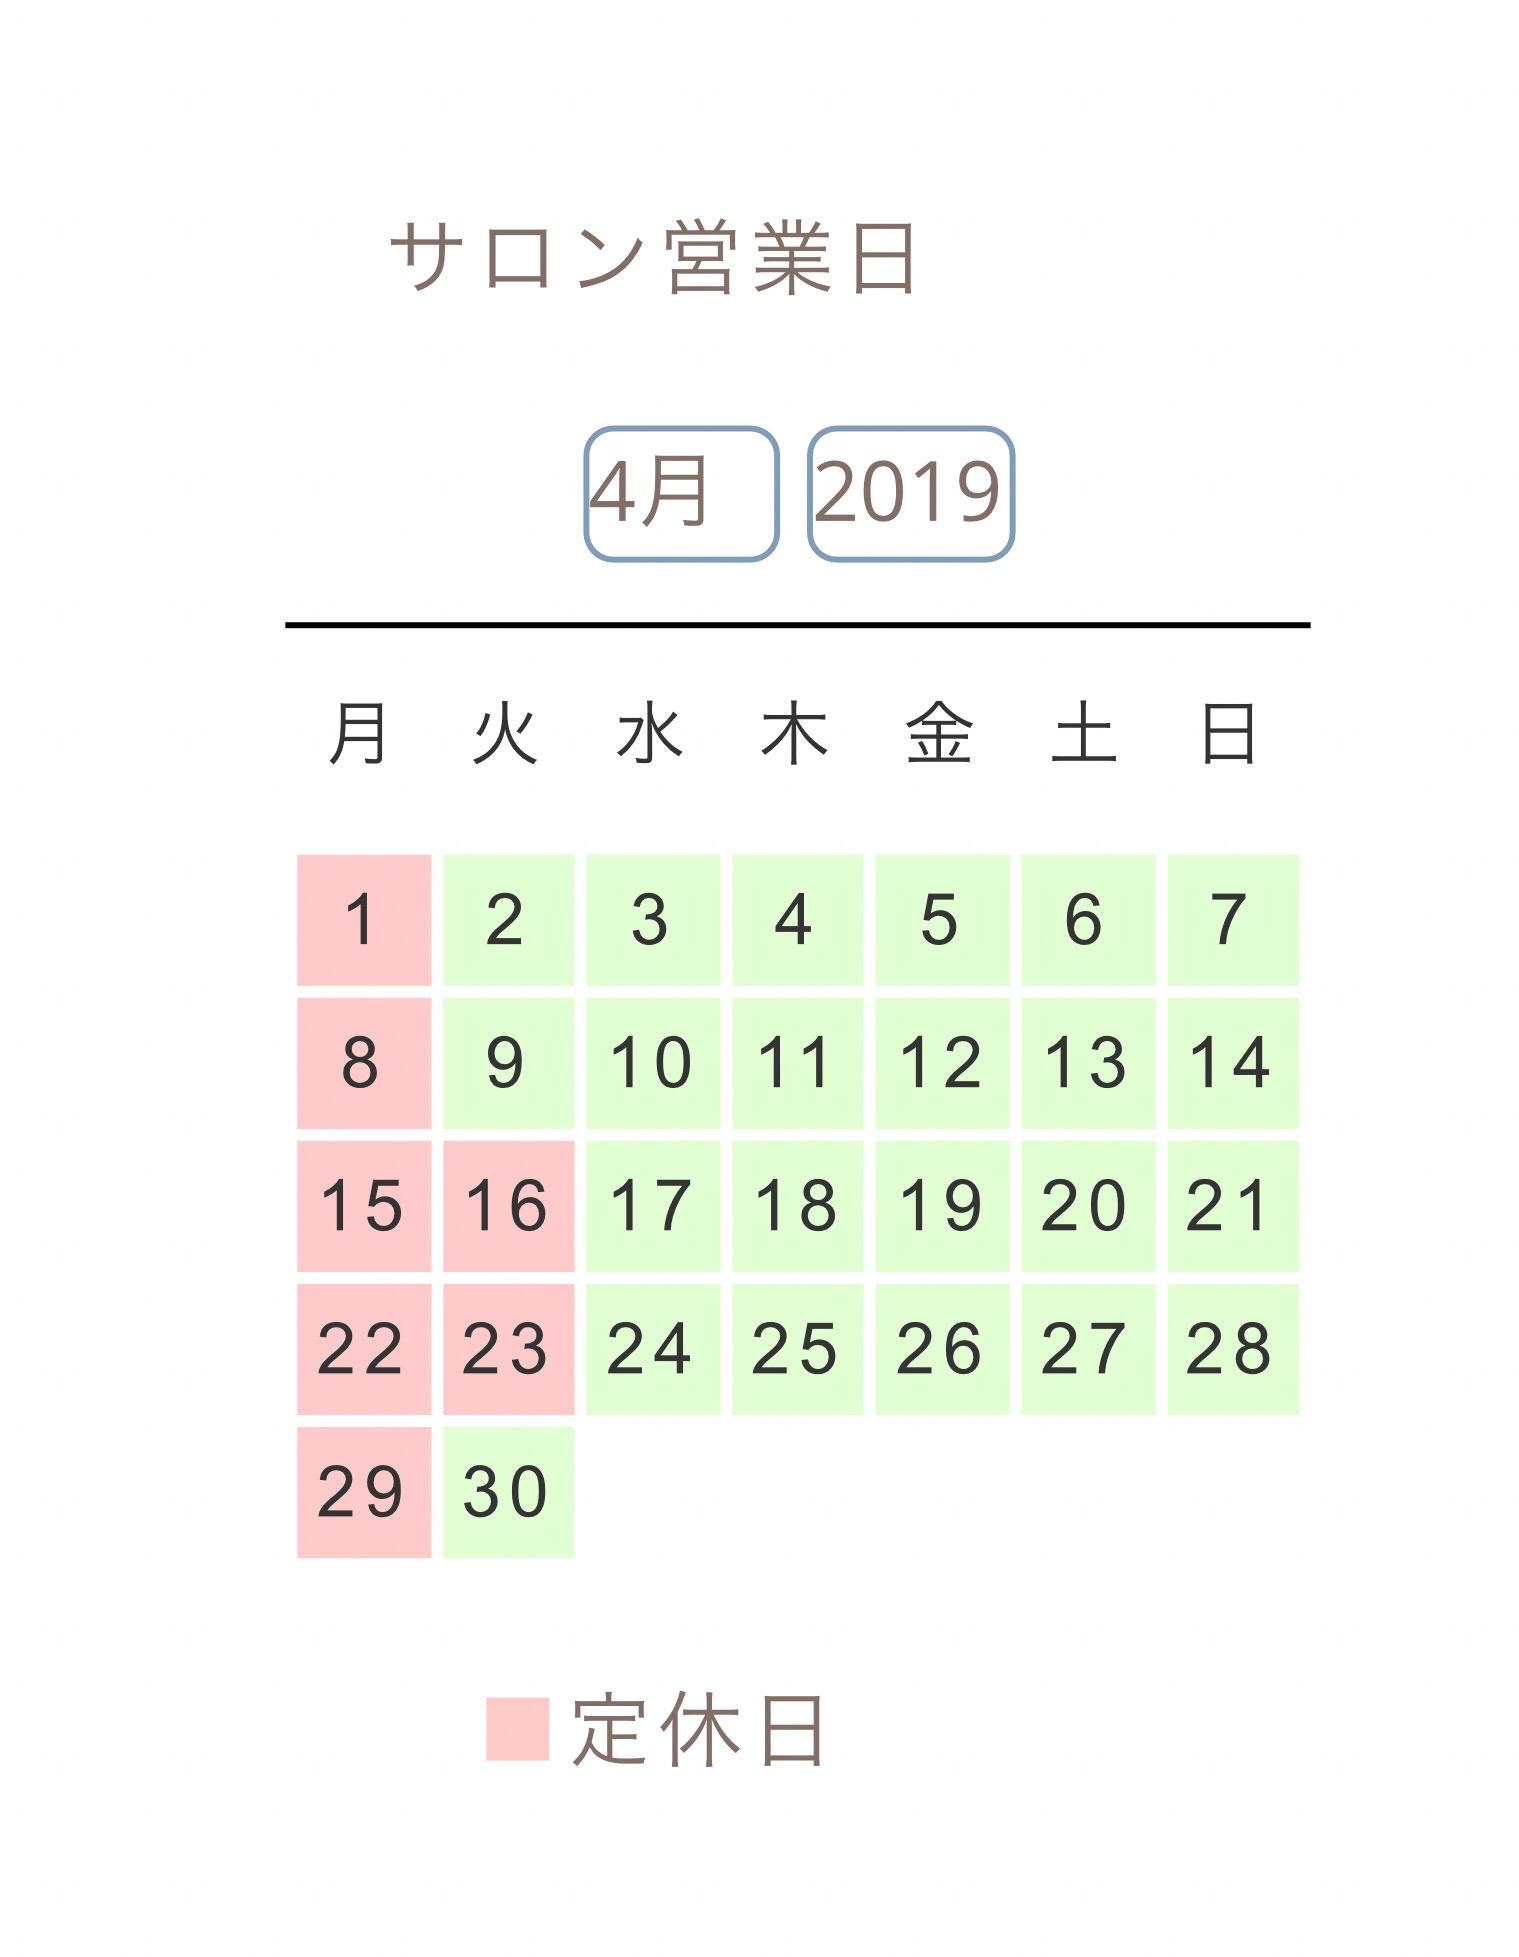 61BDC830-7E02-4E91-AB20-278A55C045D8